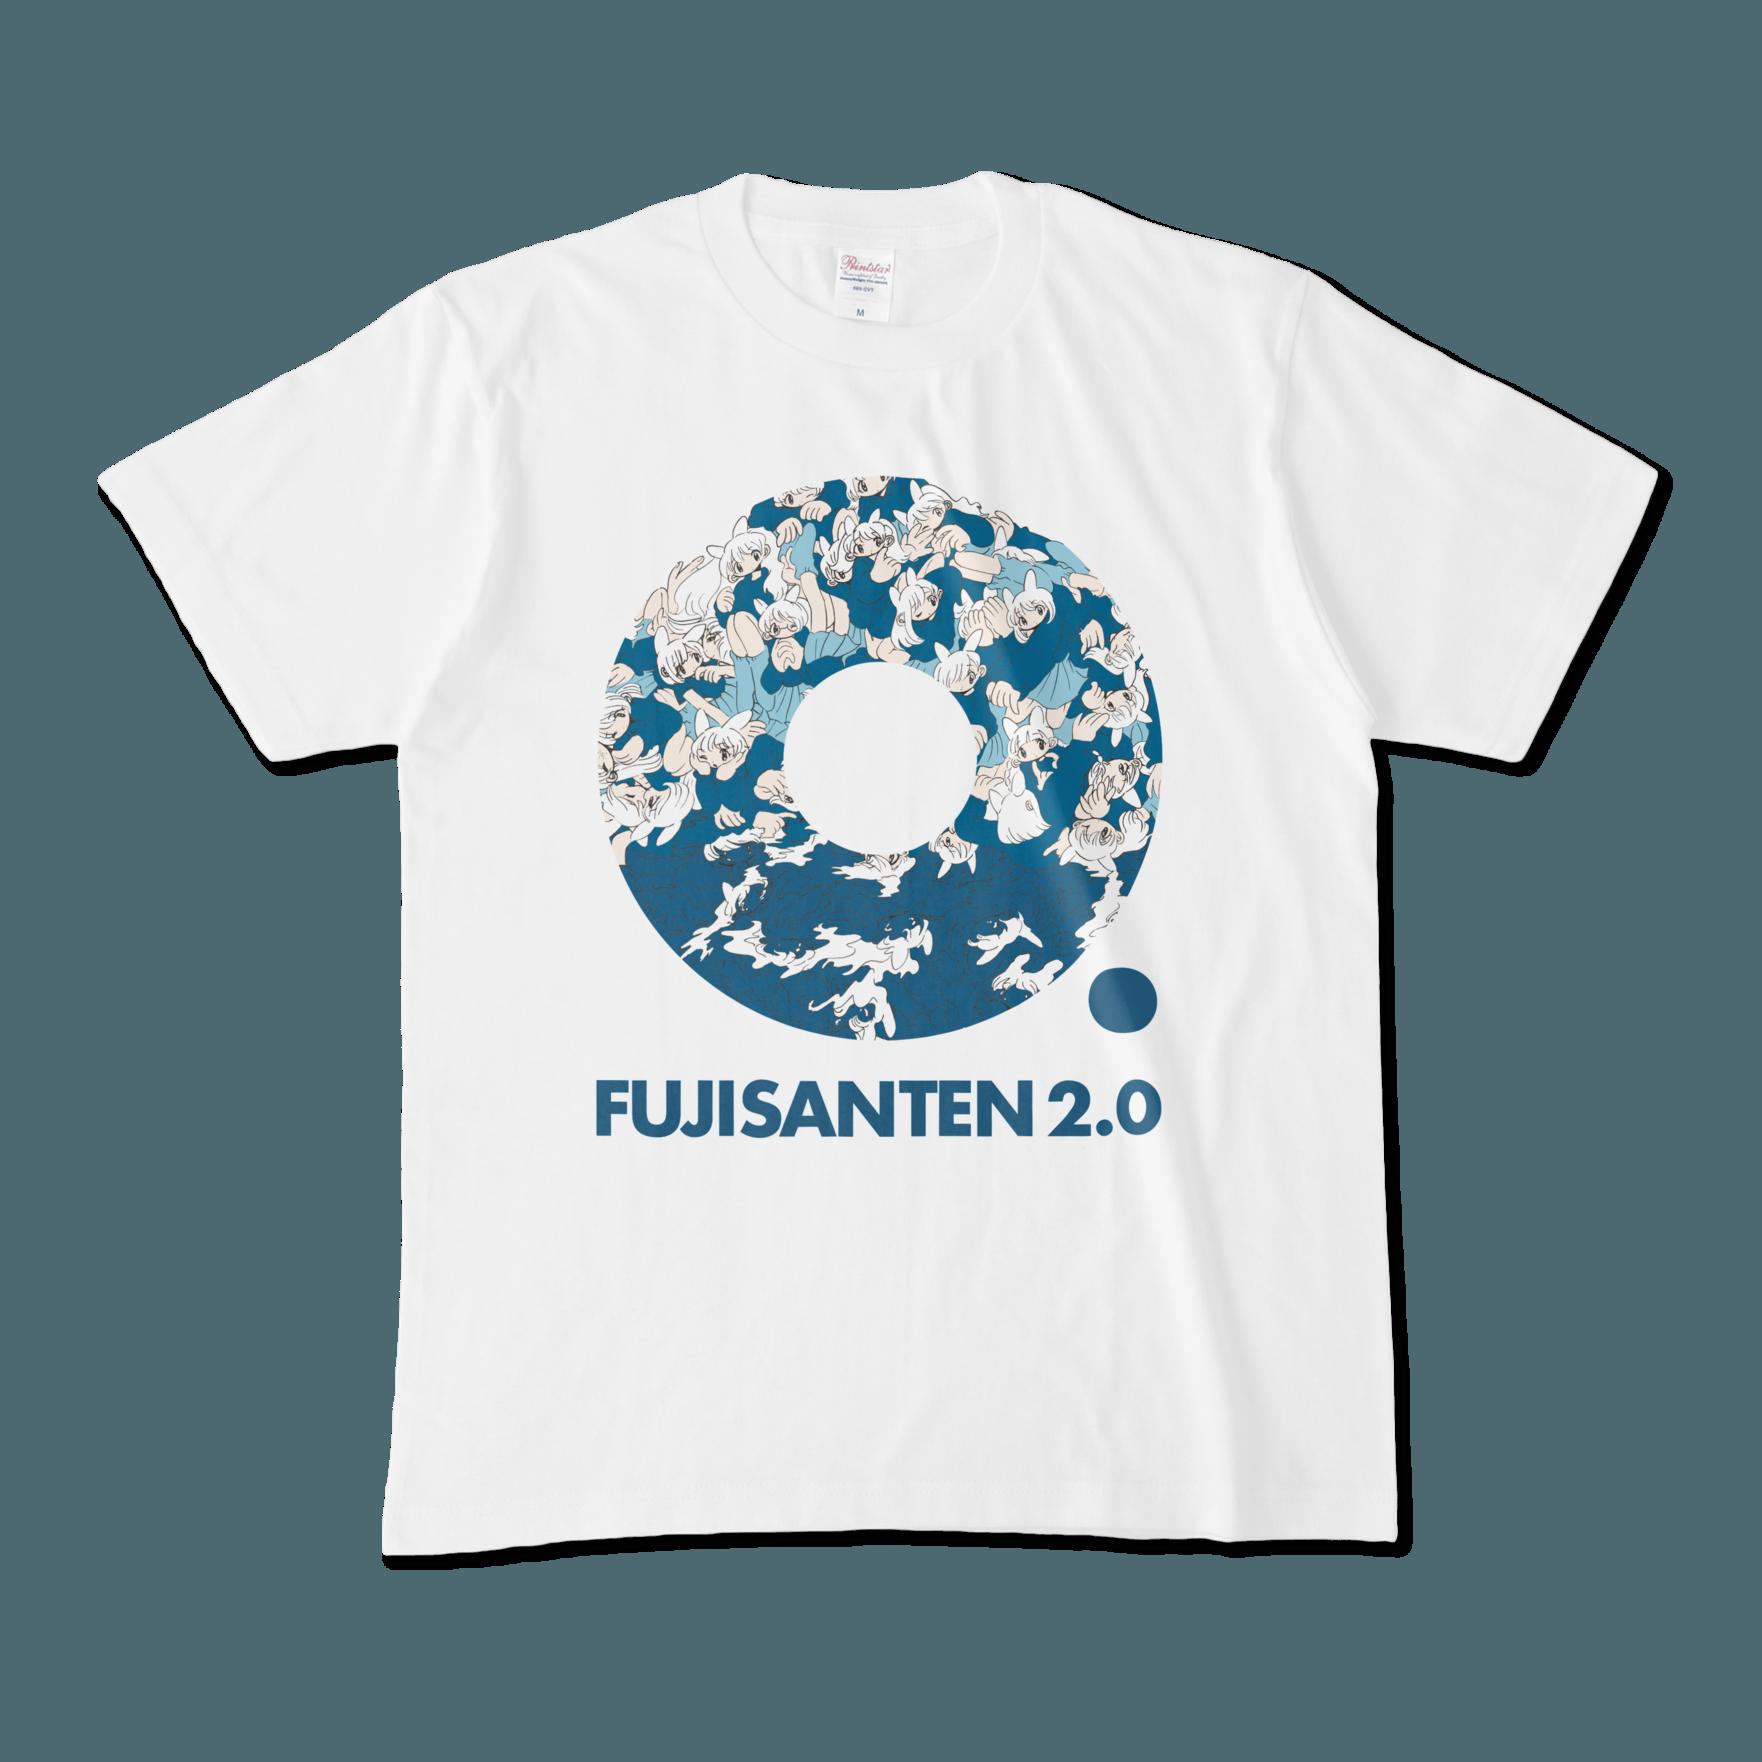 富士山展2.0 Tシャツ